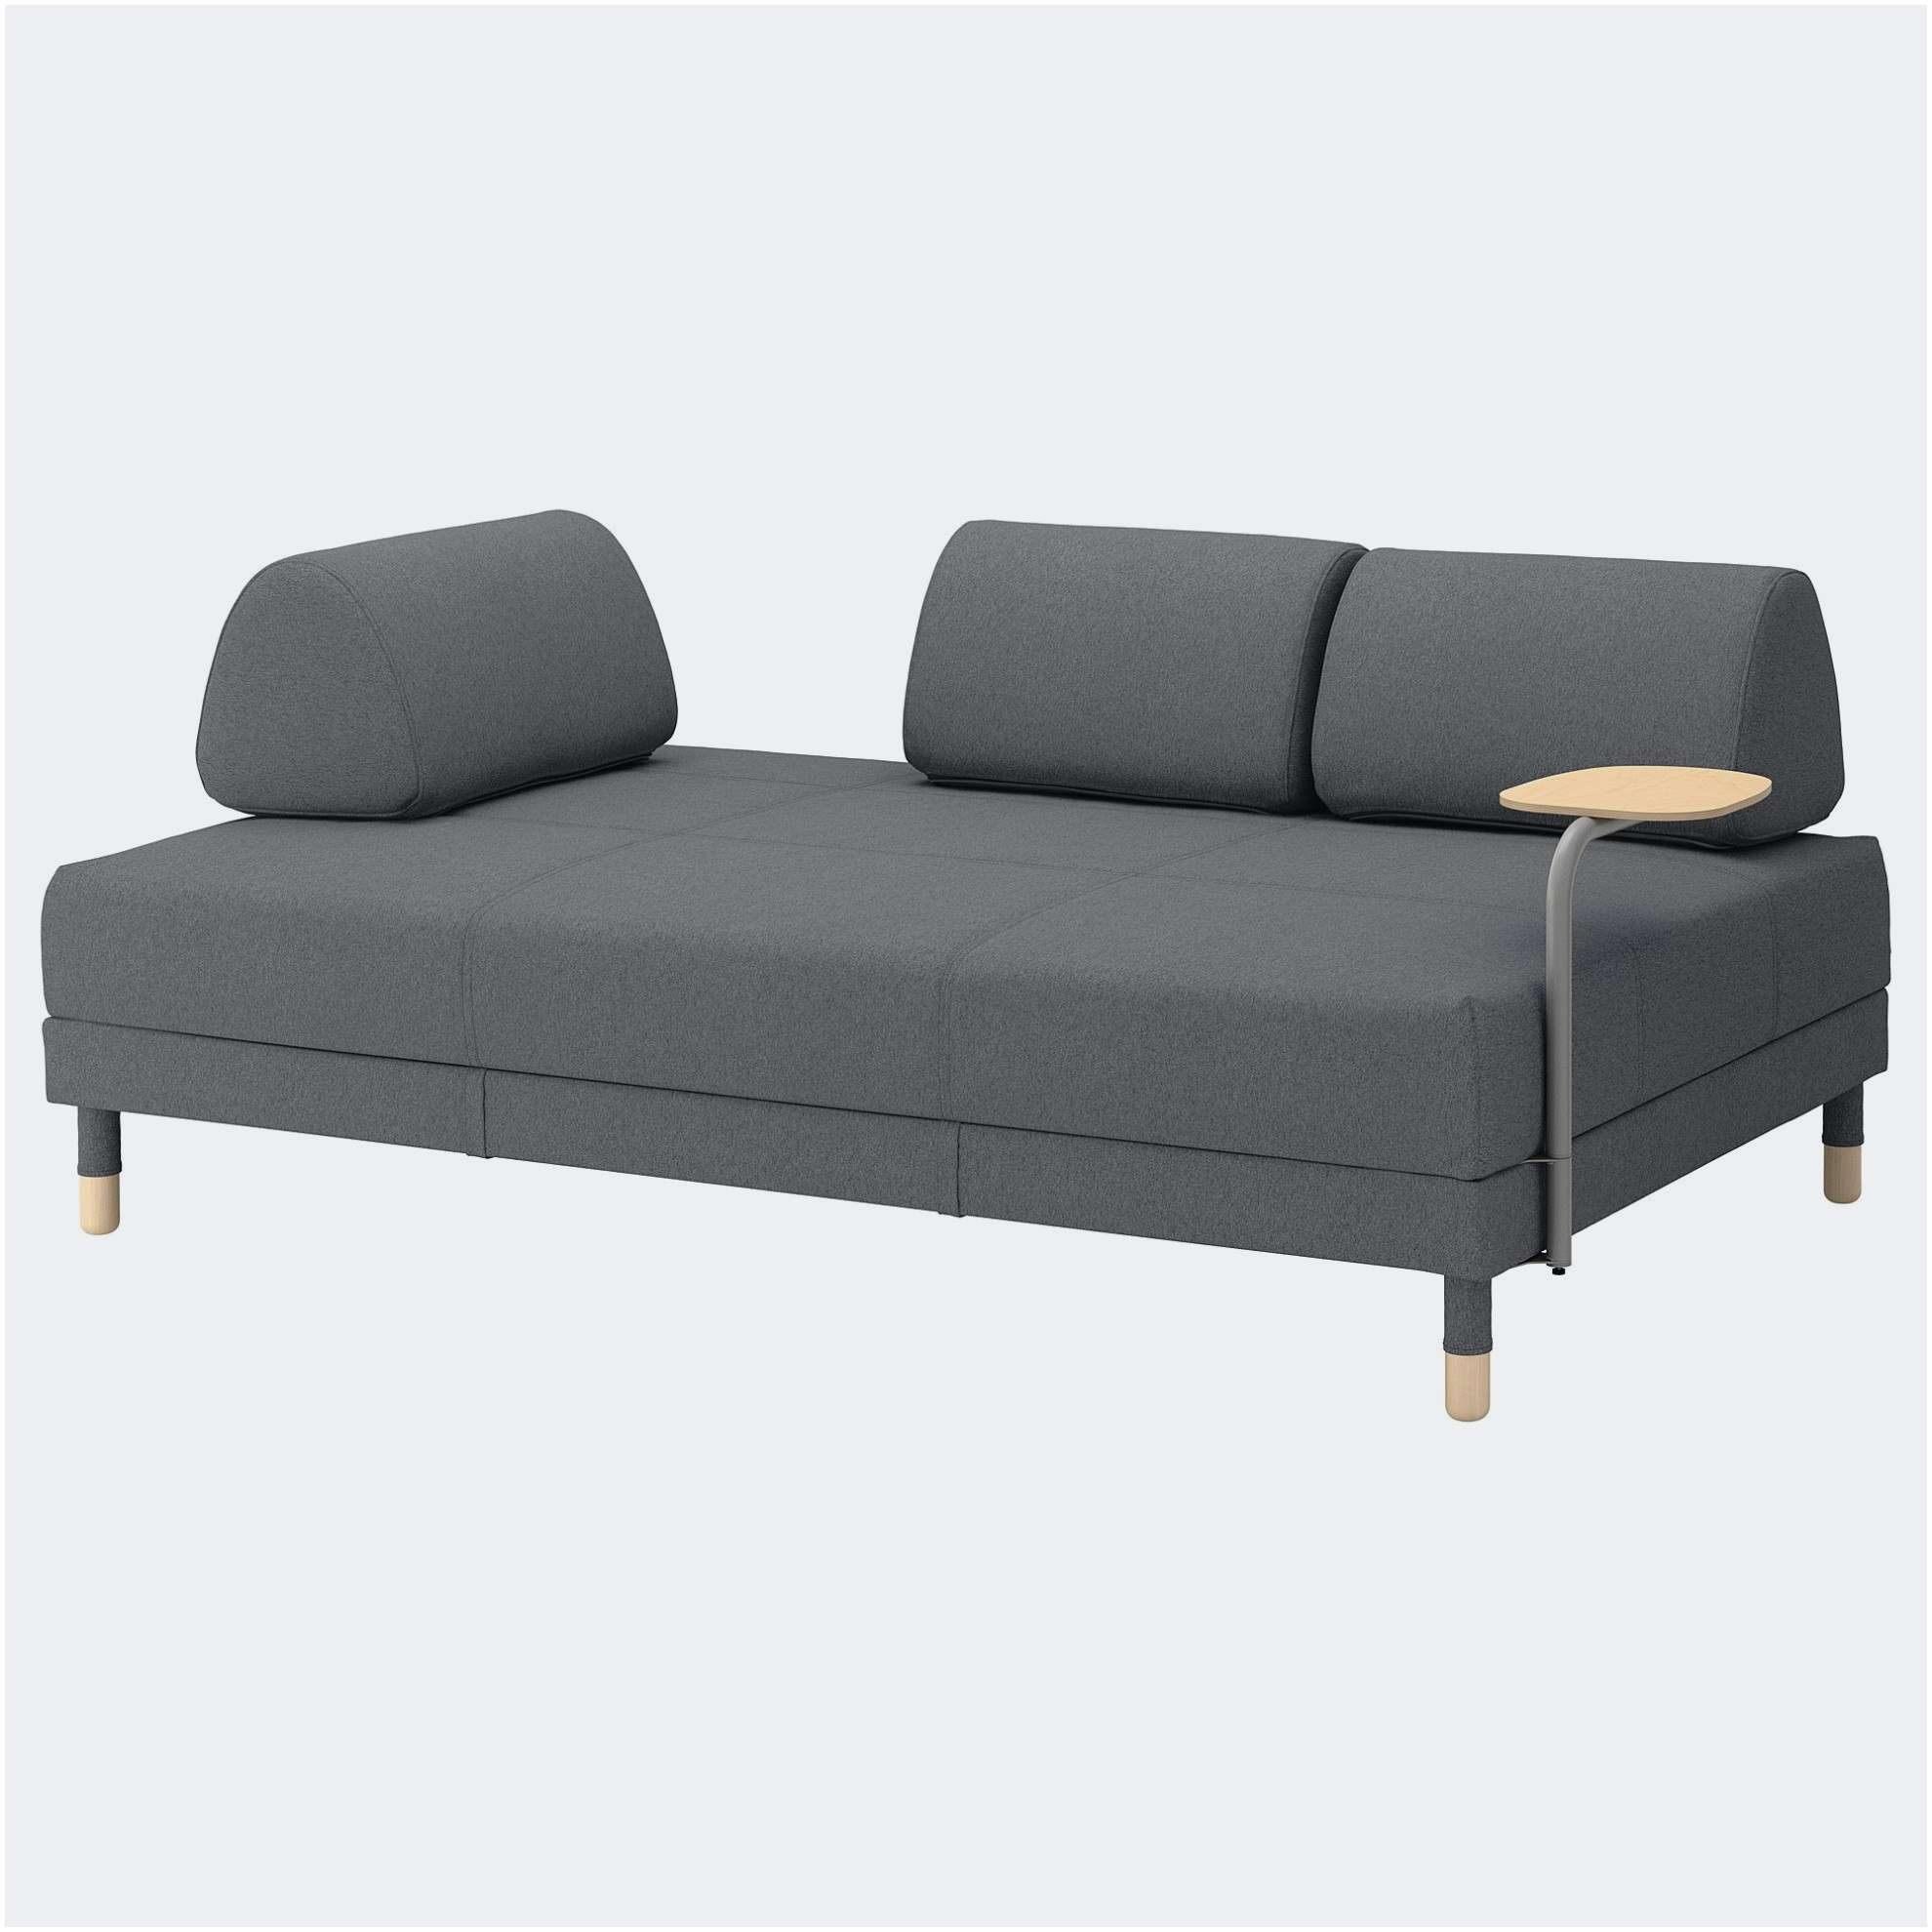 Canapé Lit Cdiscount Beau Frais 21 Satisfaisant Canapé Convertible Pas Cher Ikea Canapé